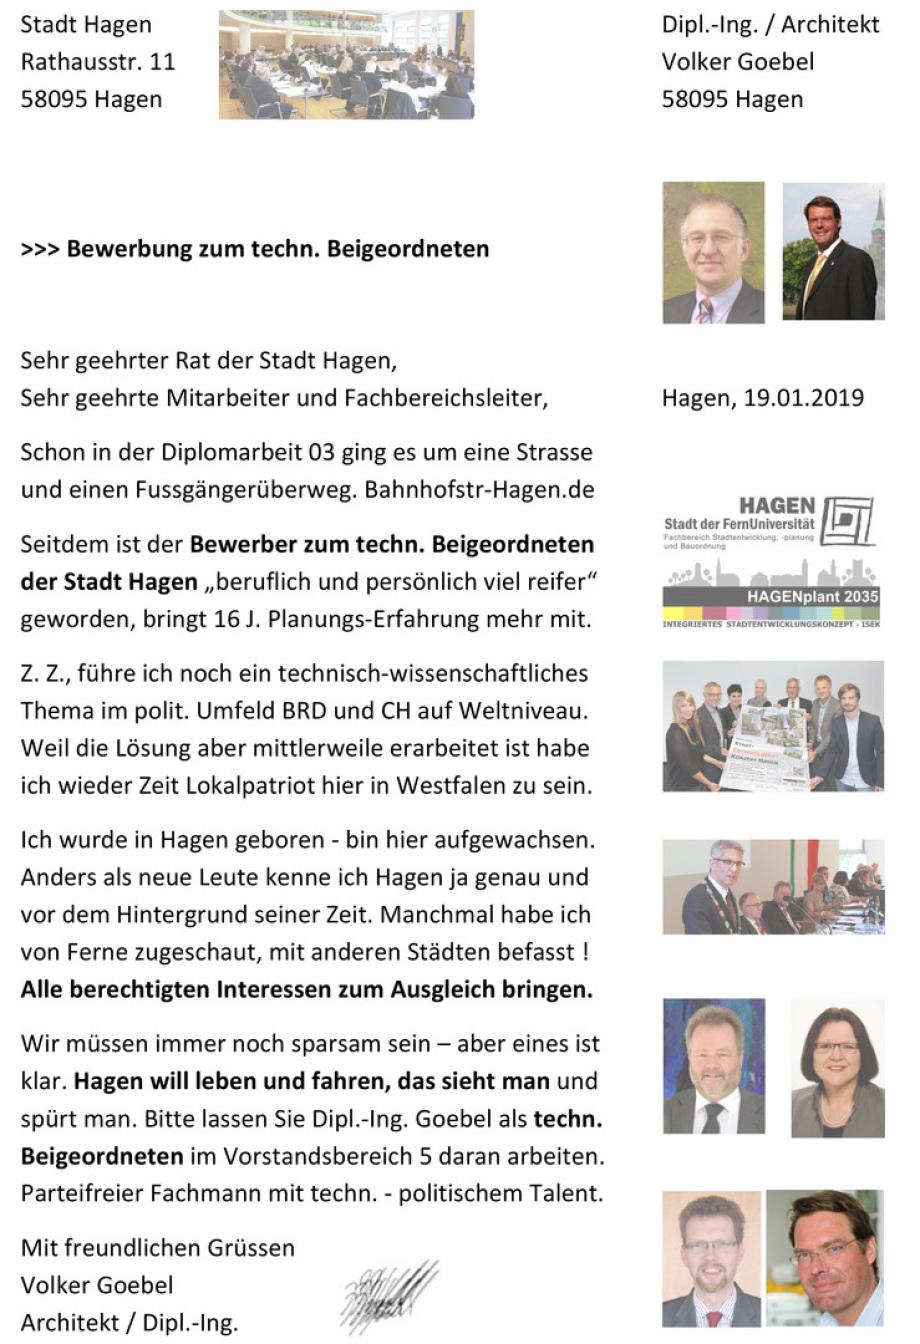 orschau_Bew._techn_Beigeordneter_Hagen_Dipl_Ing_Volker-Goebel_2019-1.jpg